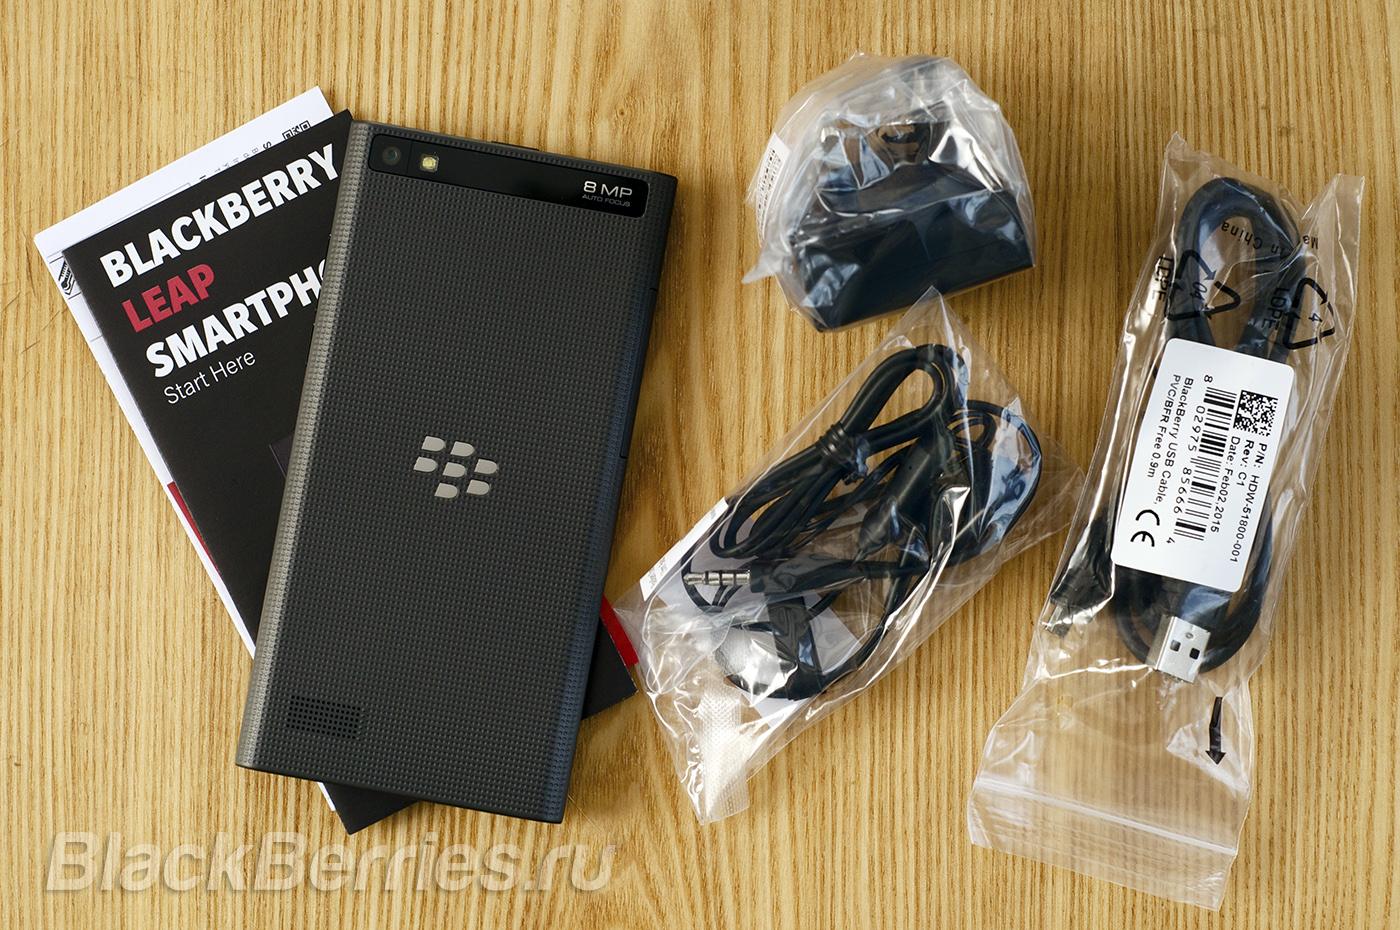 BlackBerry-Leap-54